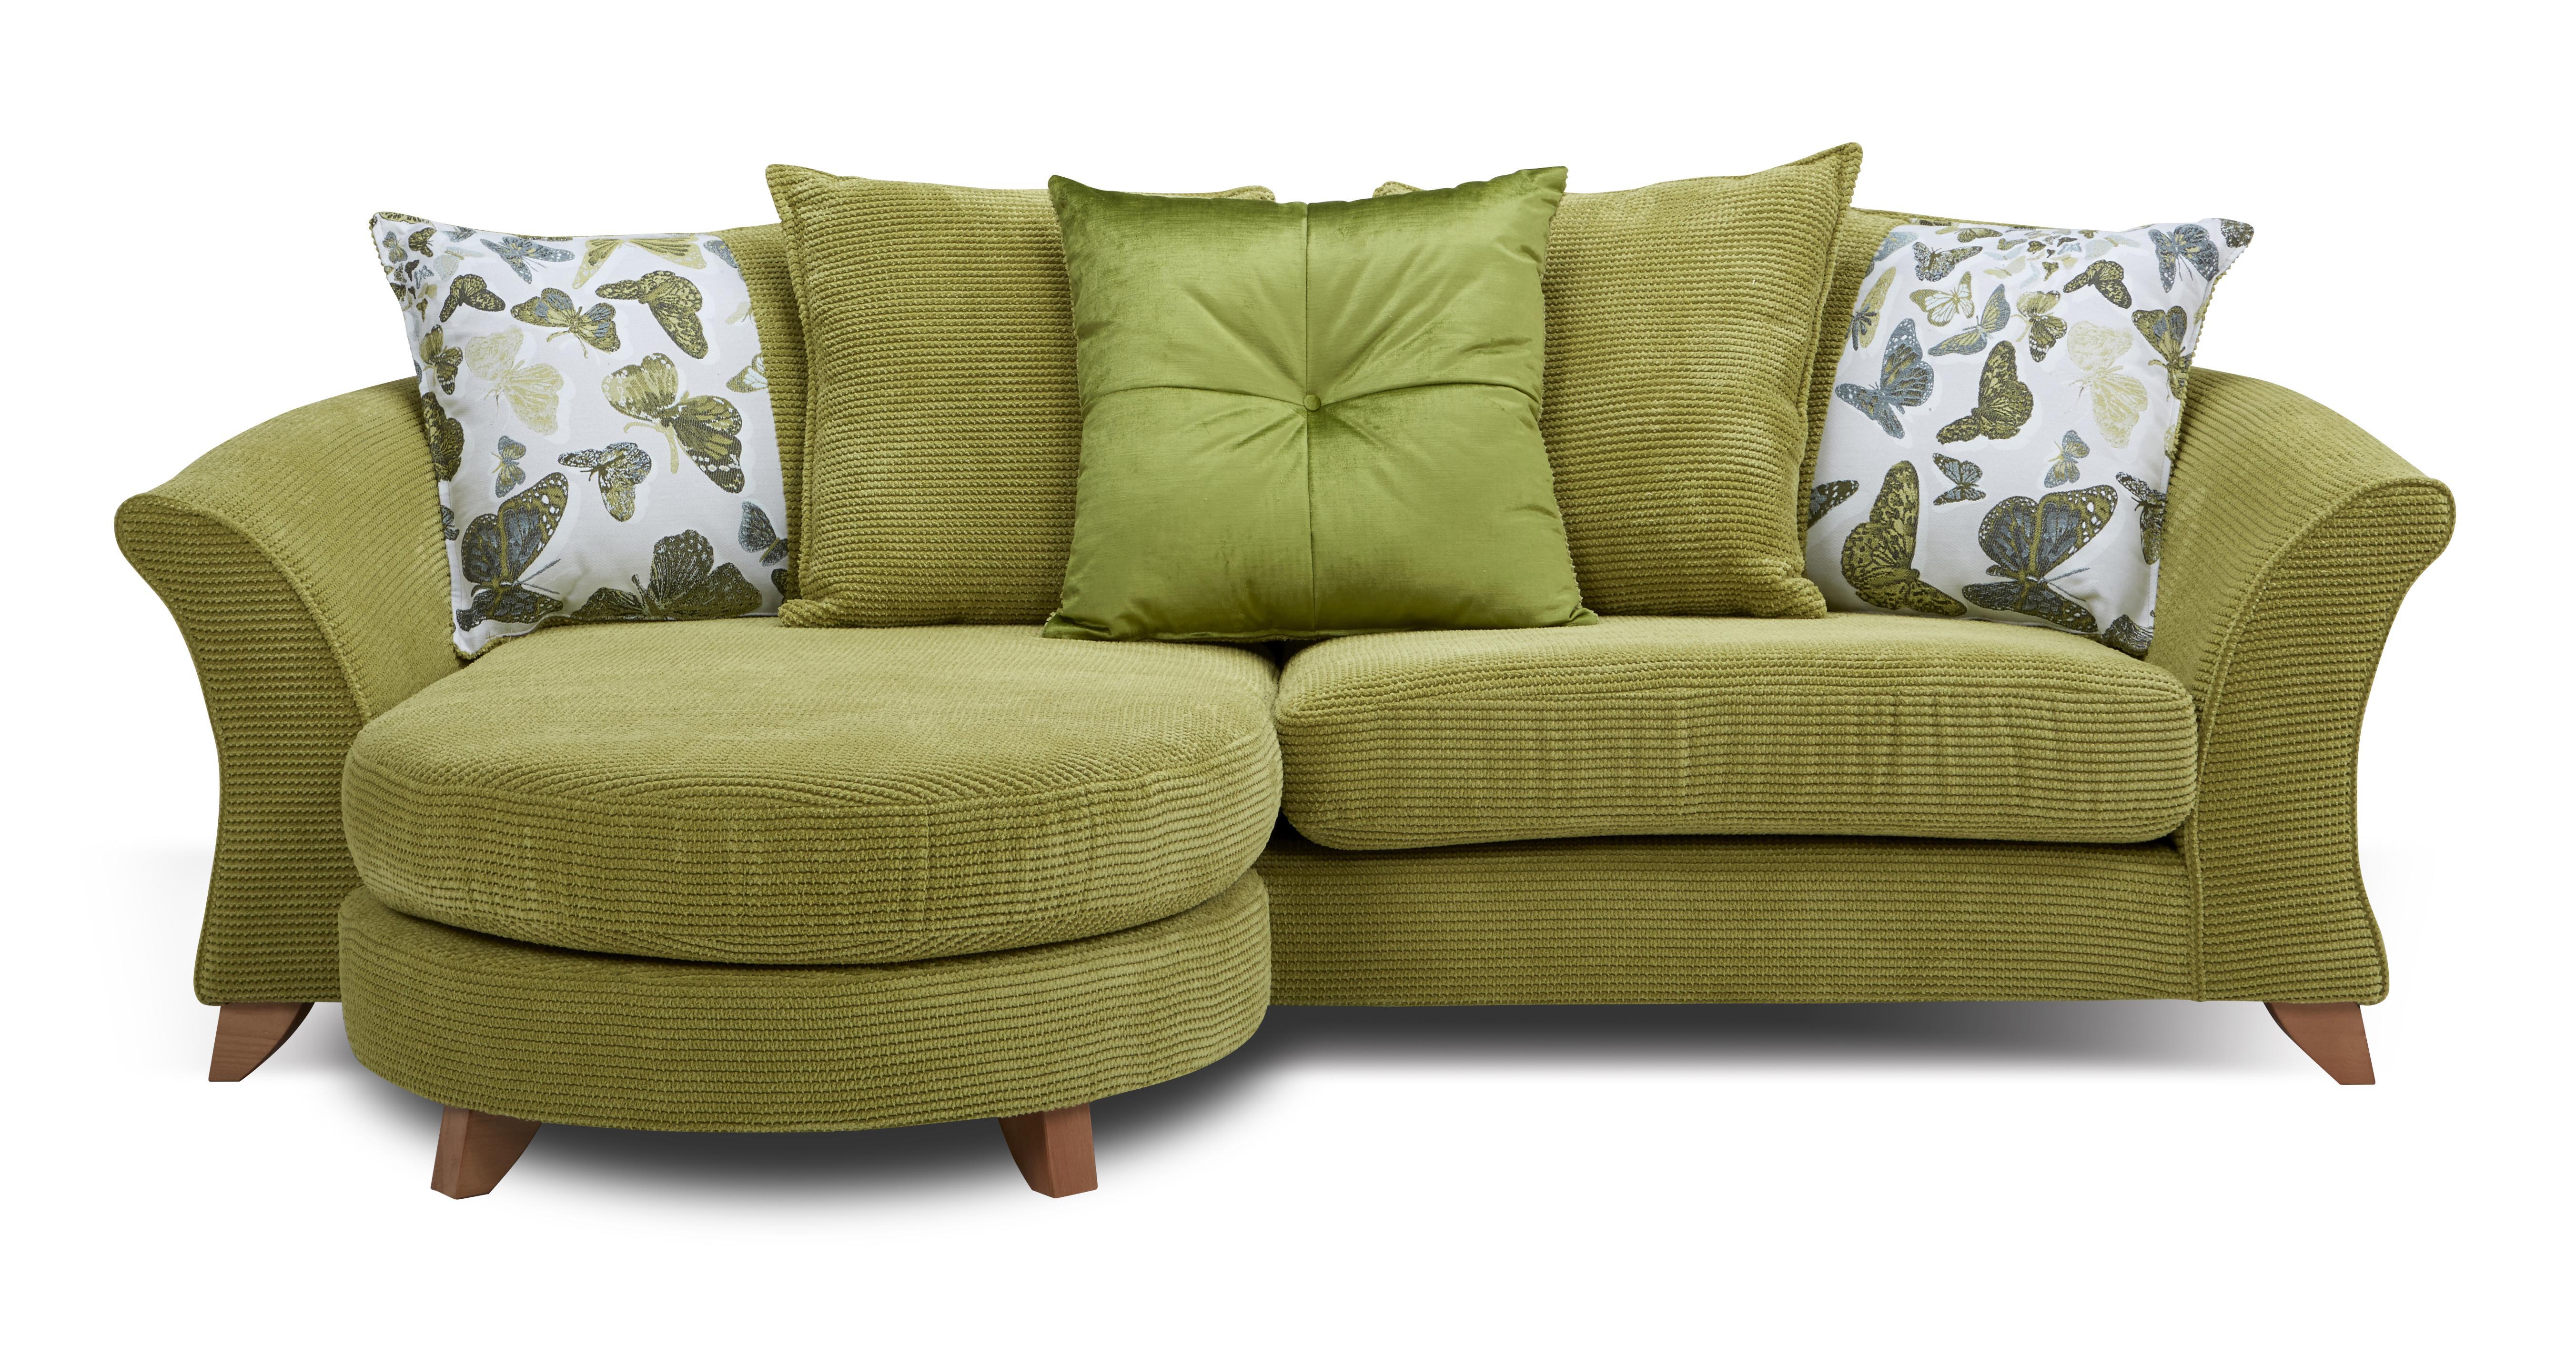 harlow cuddle chair isabella accessories dfs cuddler sofa brokeasshome